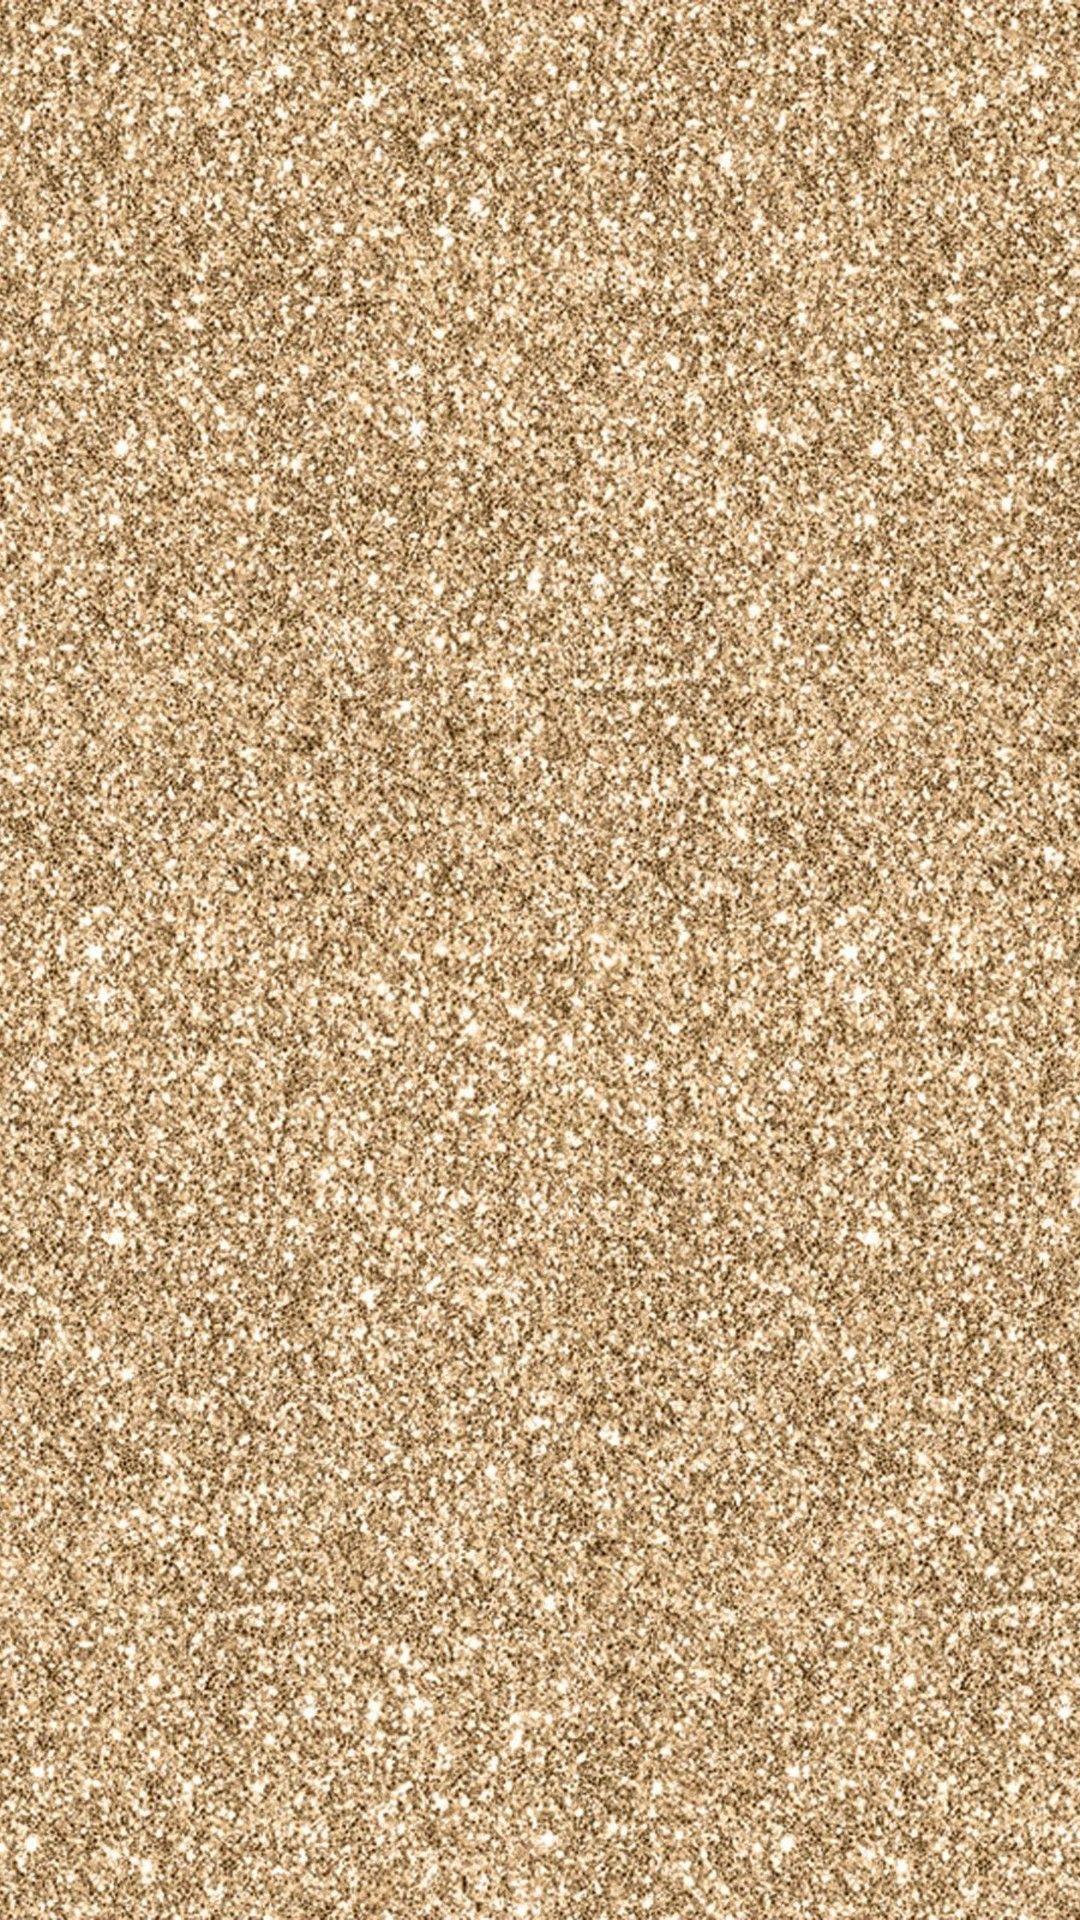 Iphone 8 Wallpaper Gold Glitter Gold Wallpaper Sparkle